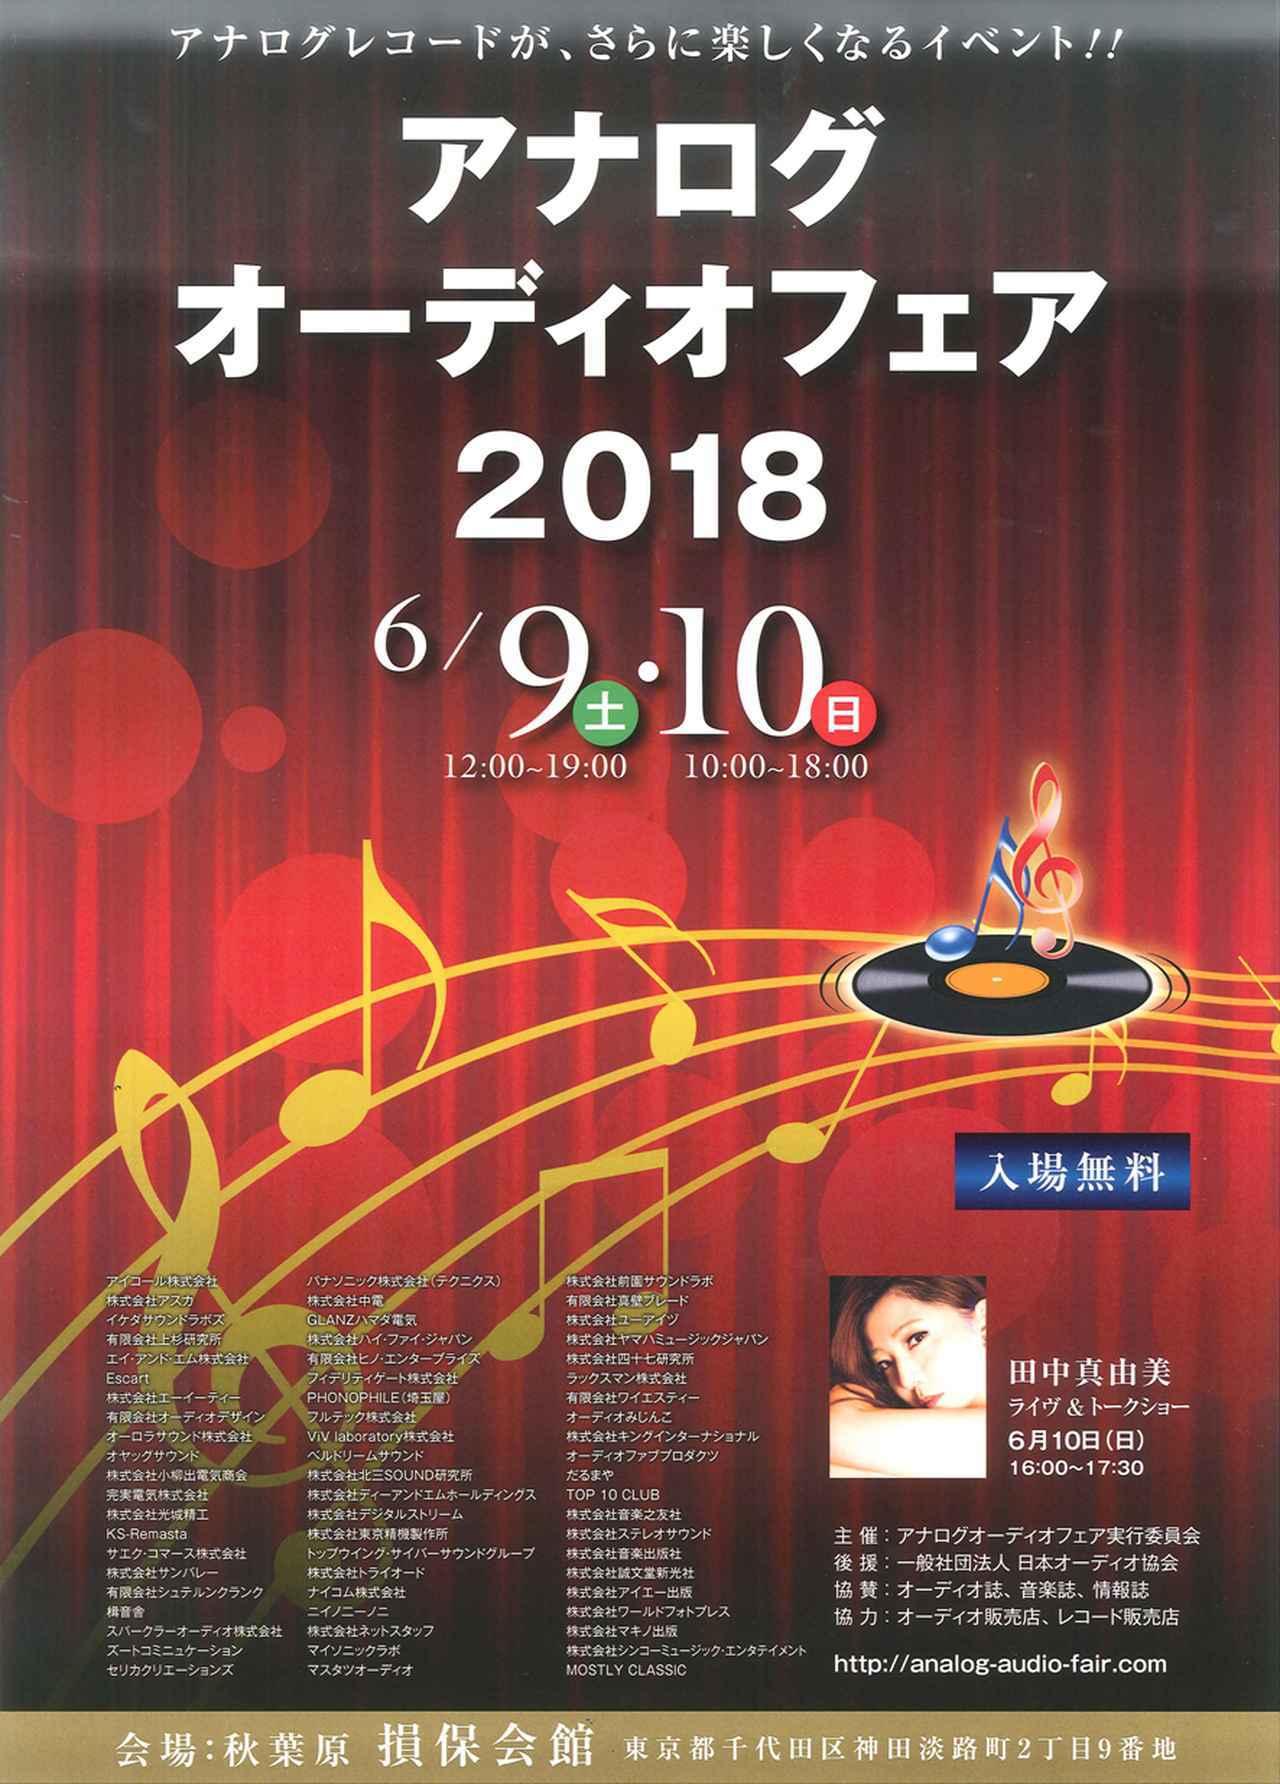 画像2: 【NEWS】「アナログオーディオフェア2018」が6/9~10に開催!